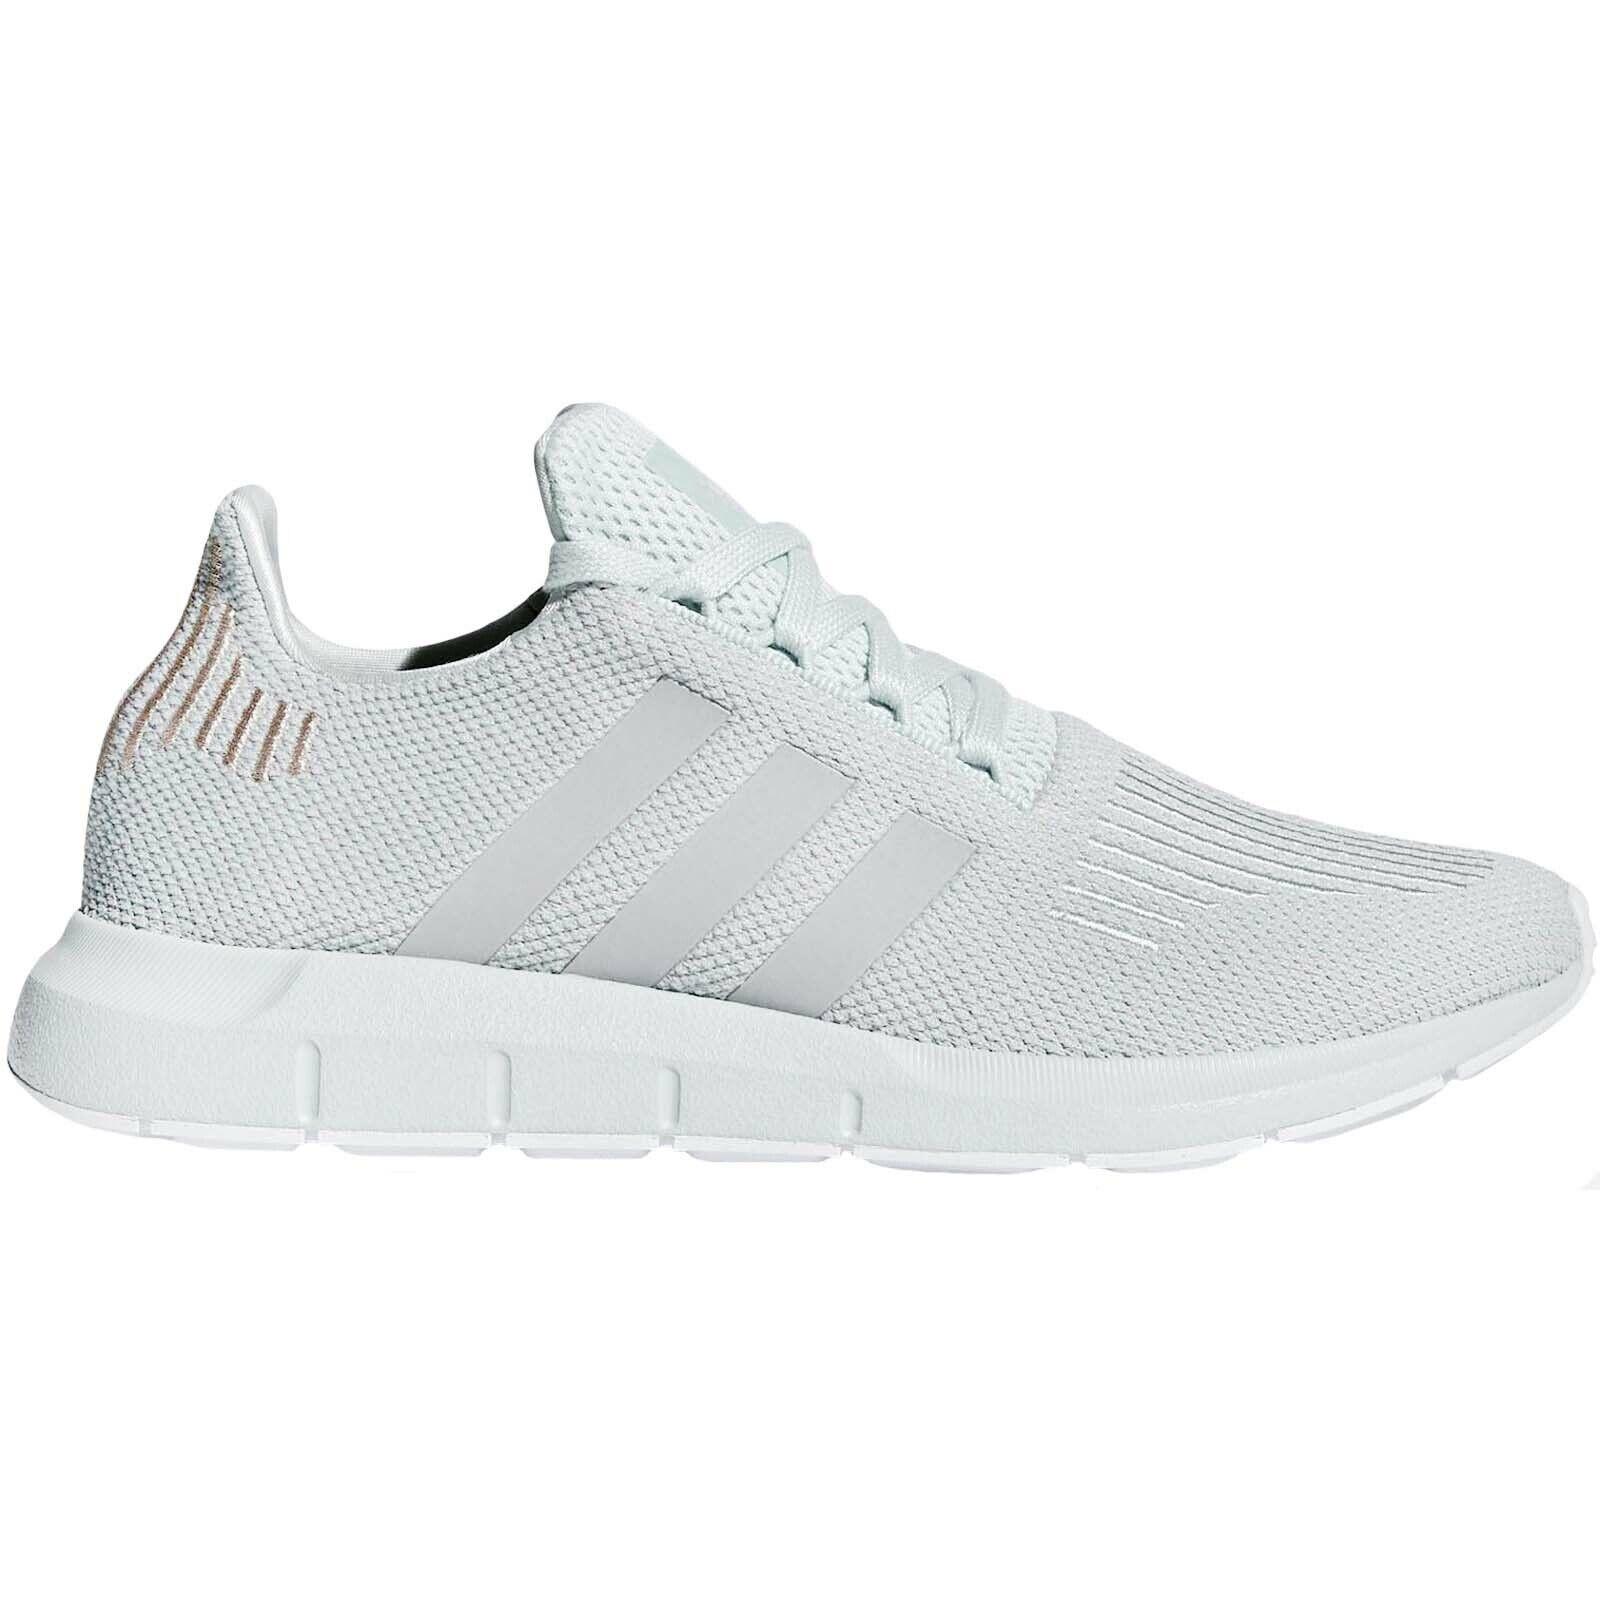 Adidas Originals Swift Run damen Casual Running Trainers schuhe - Vapour Grün